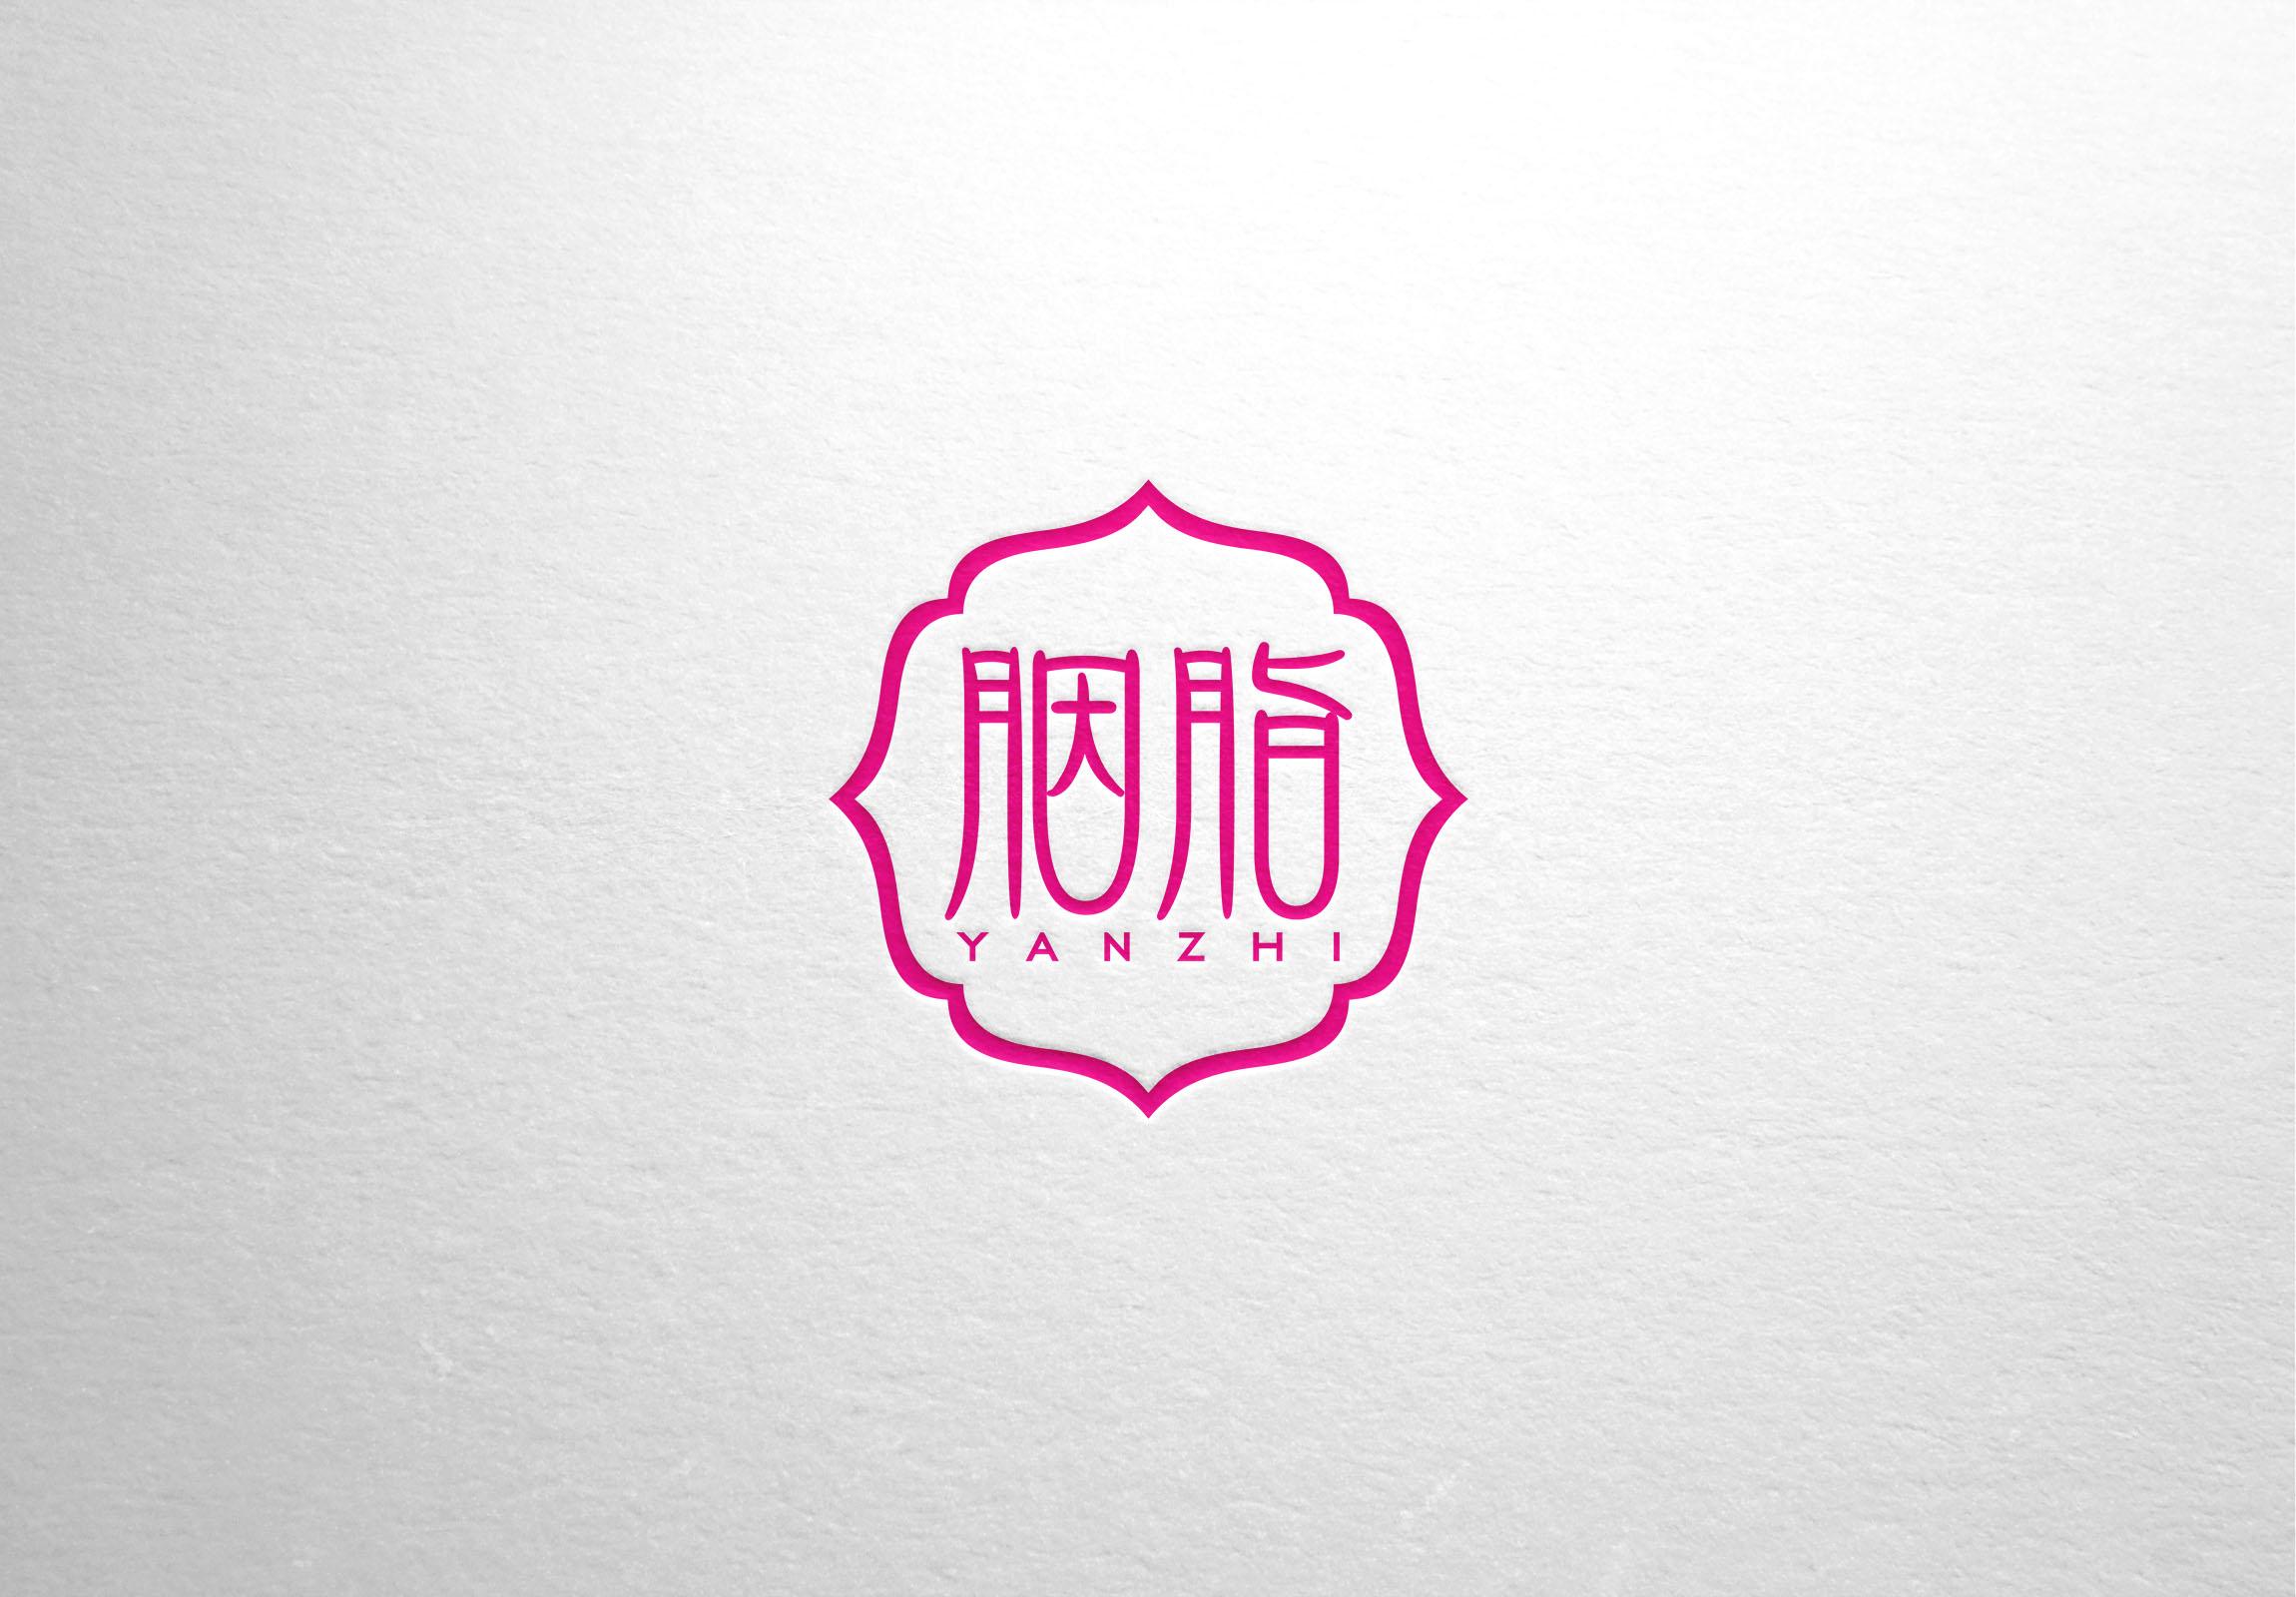 经营护肤品的公司logo设计